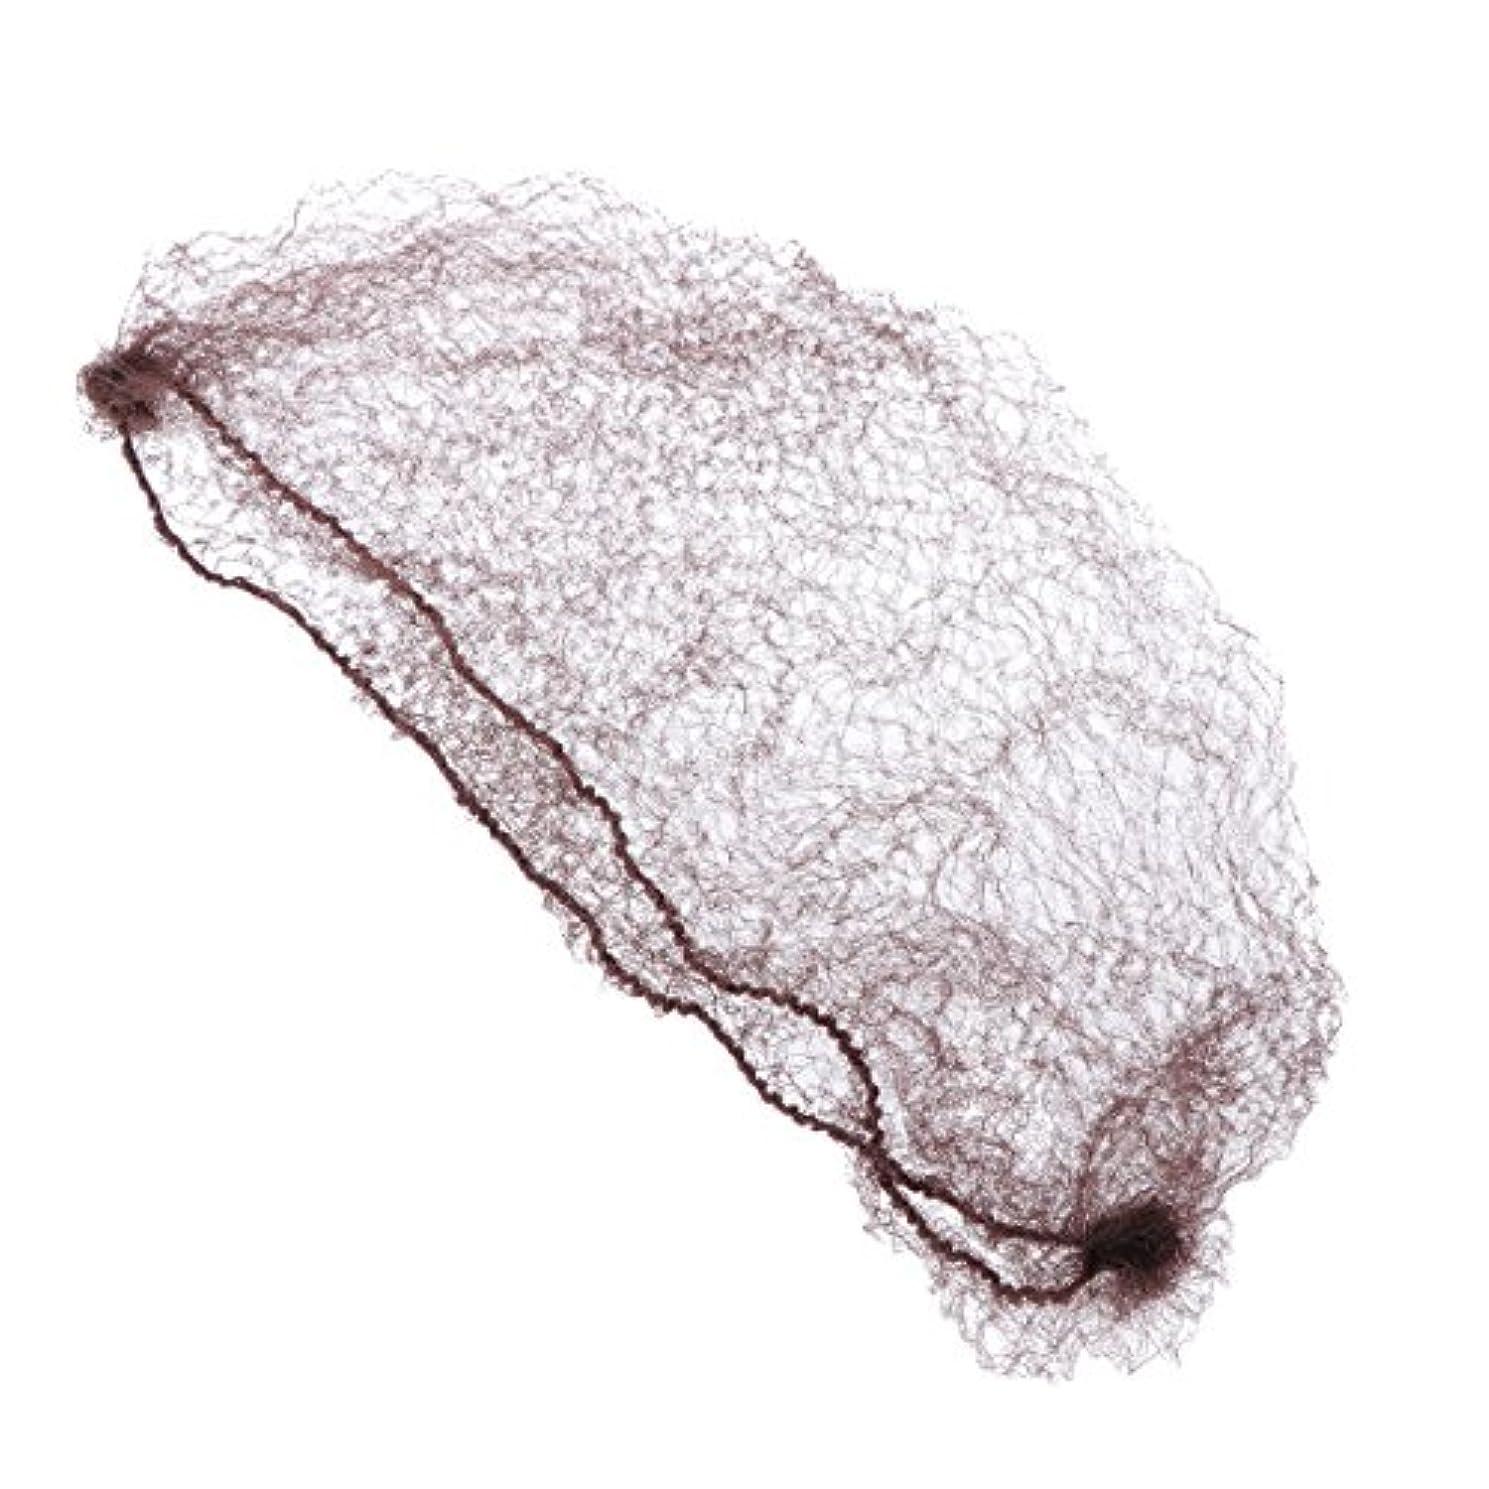 アルプスたらい解放Frcolor ヘアネット 髪束ねネット 目に見えない 弾性 団子ドレスアップ アクセサリー 再利用可能 50本 (コーヒー/ 50cm)